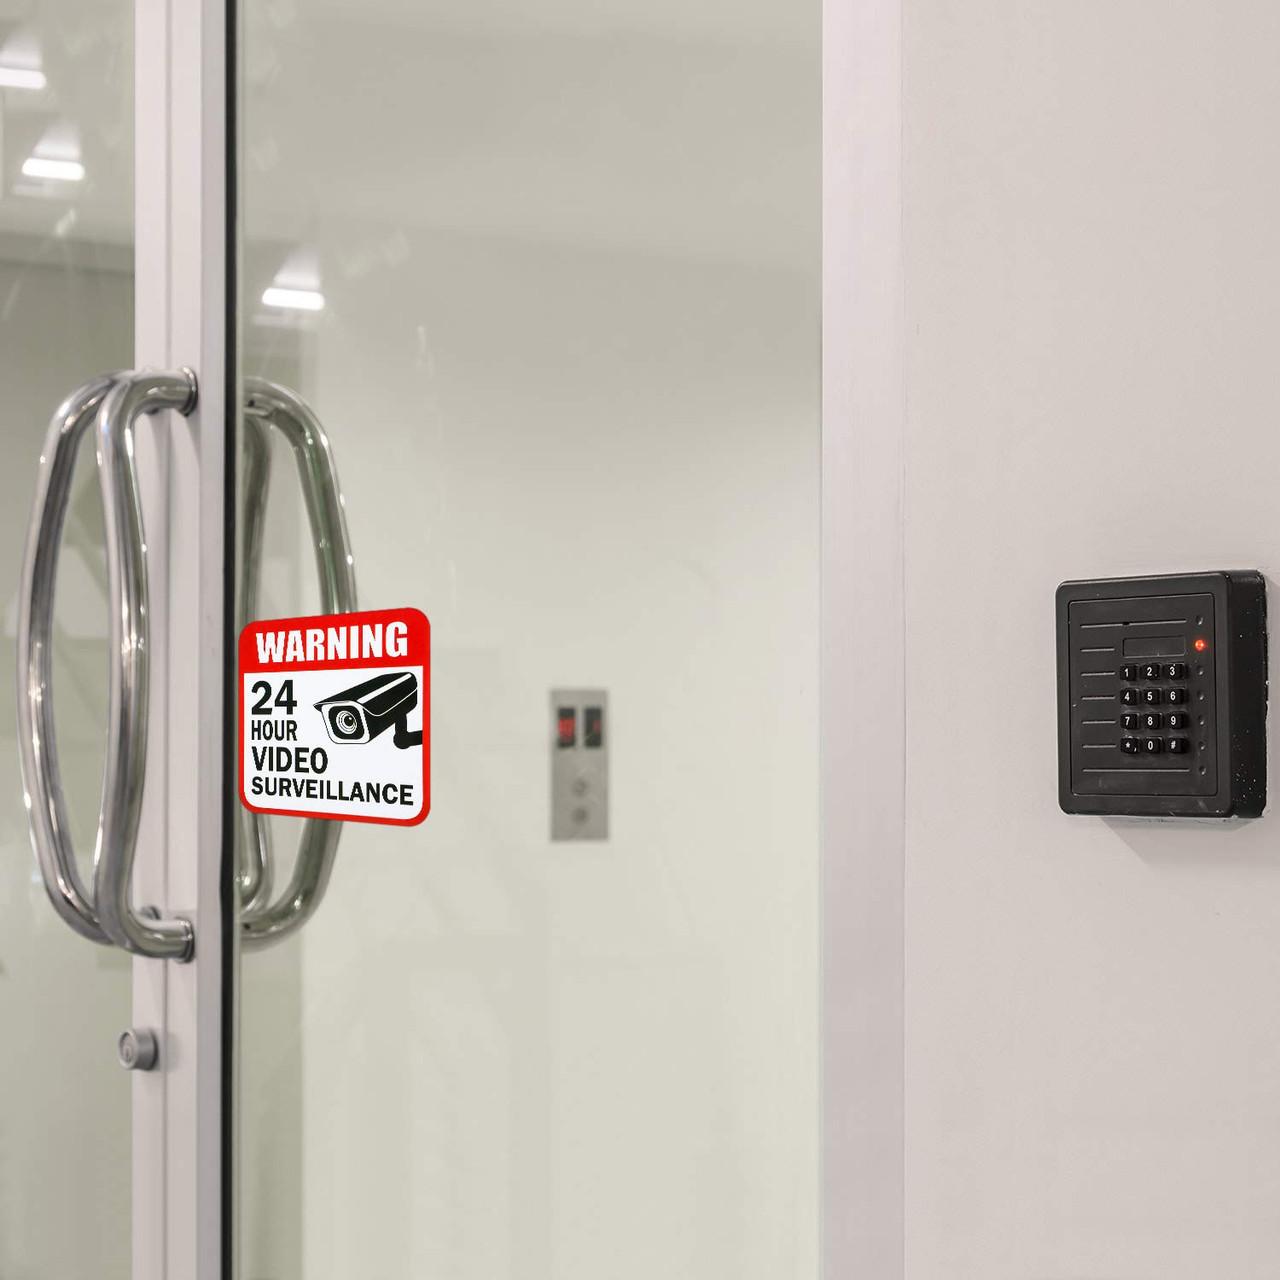 Small CCTV Warning Sticker